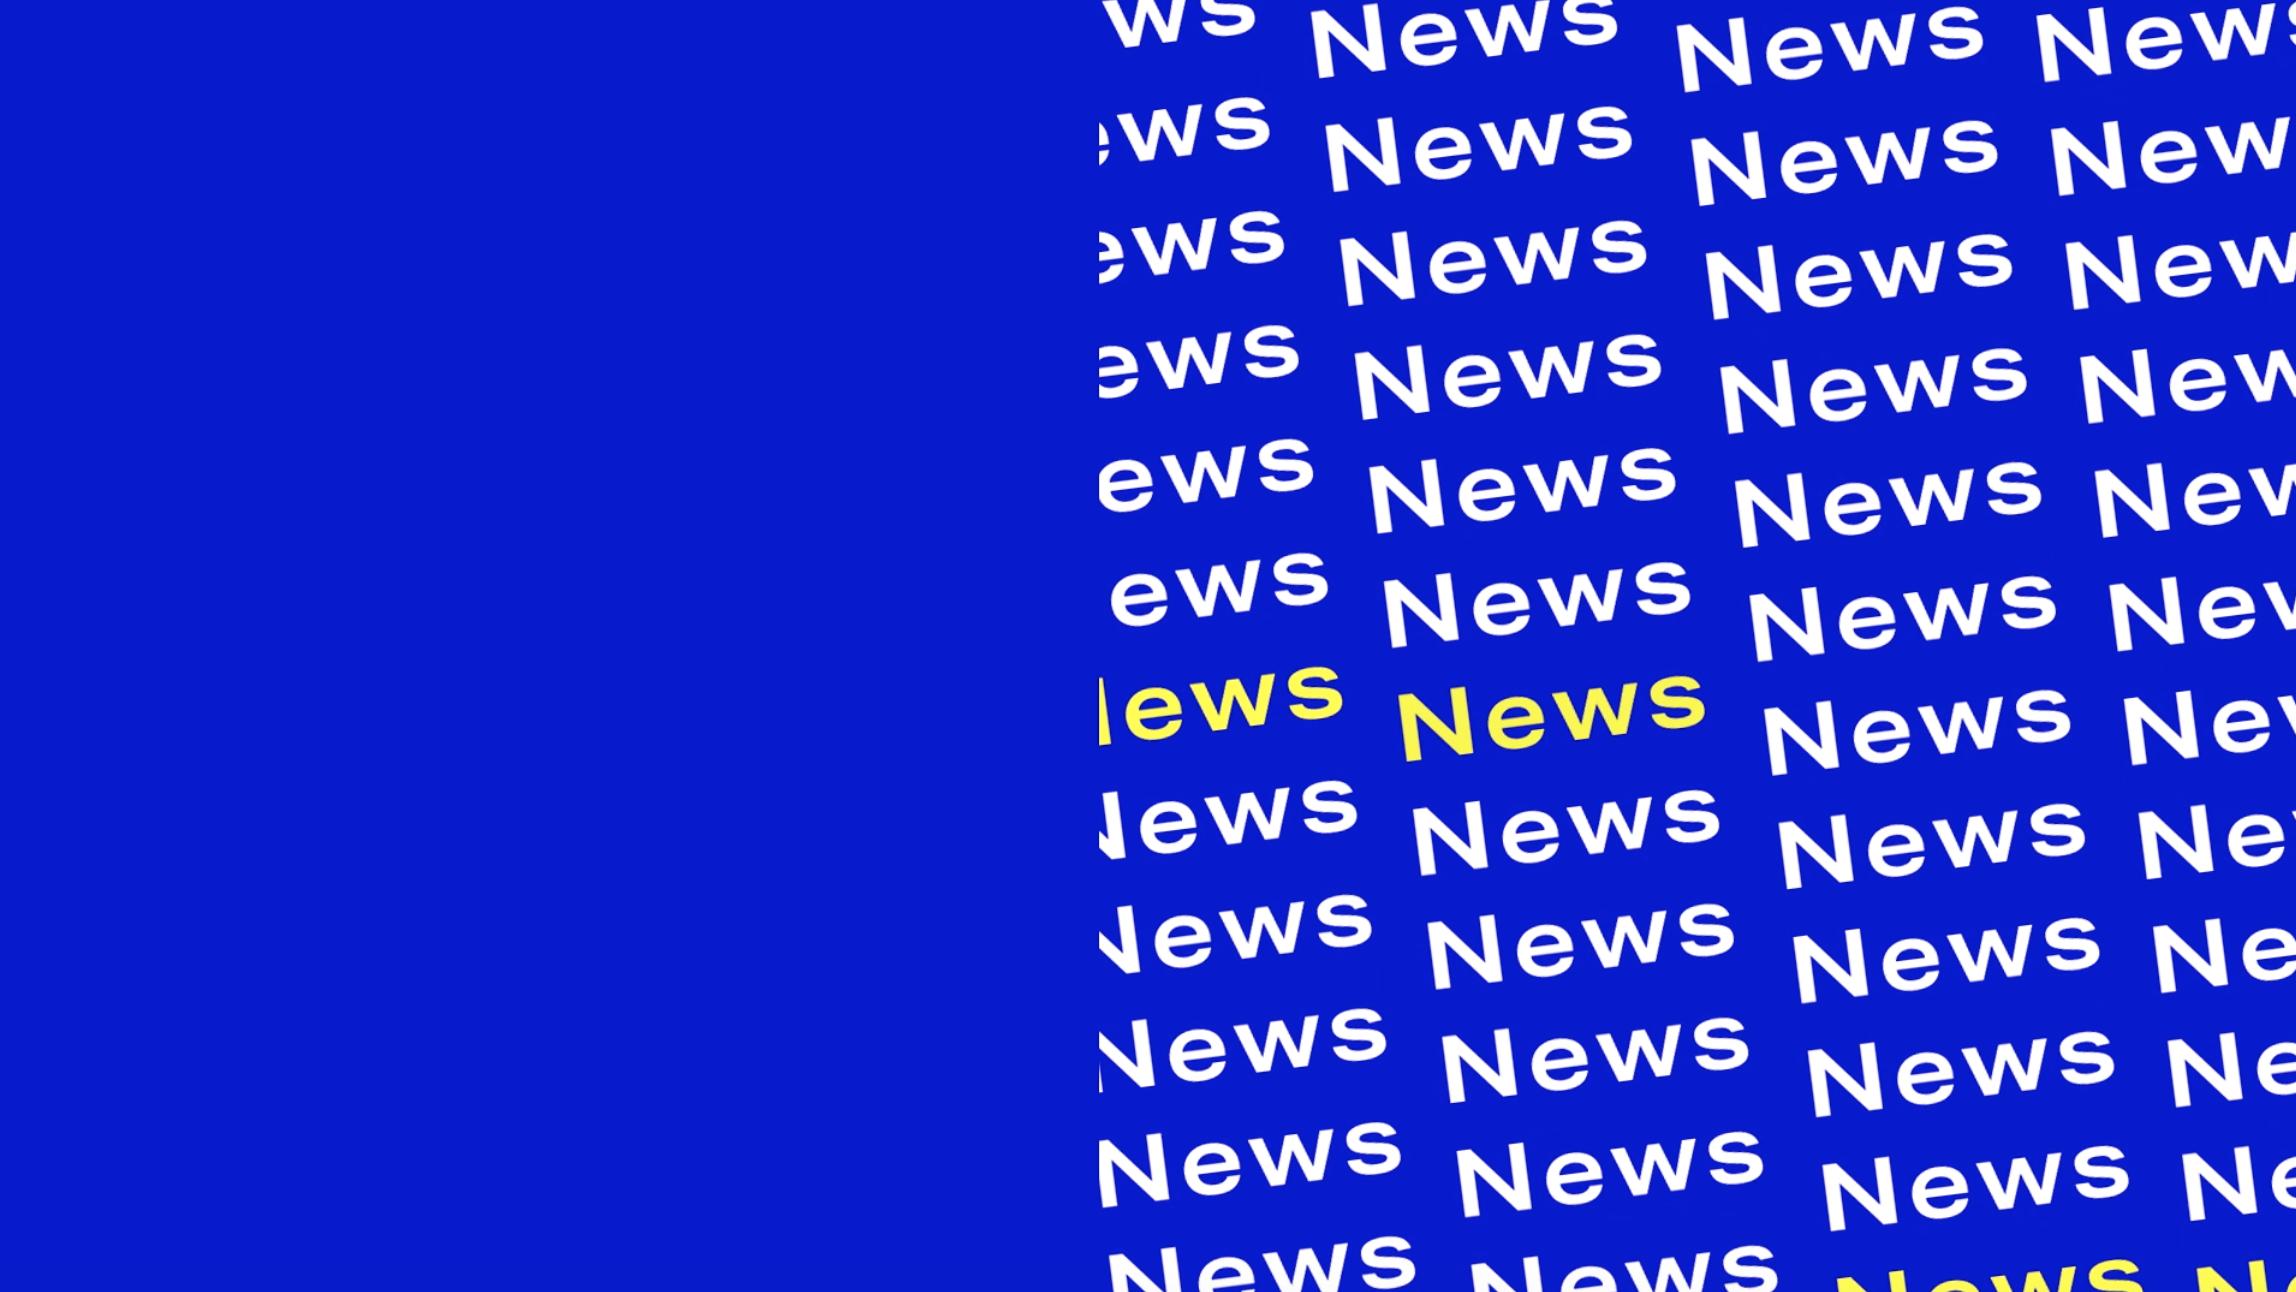 Wort News in weiß und gelb auf blauem Hintergrund